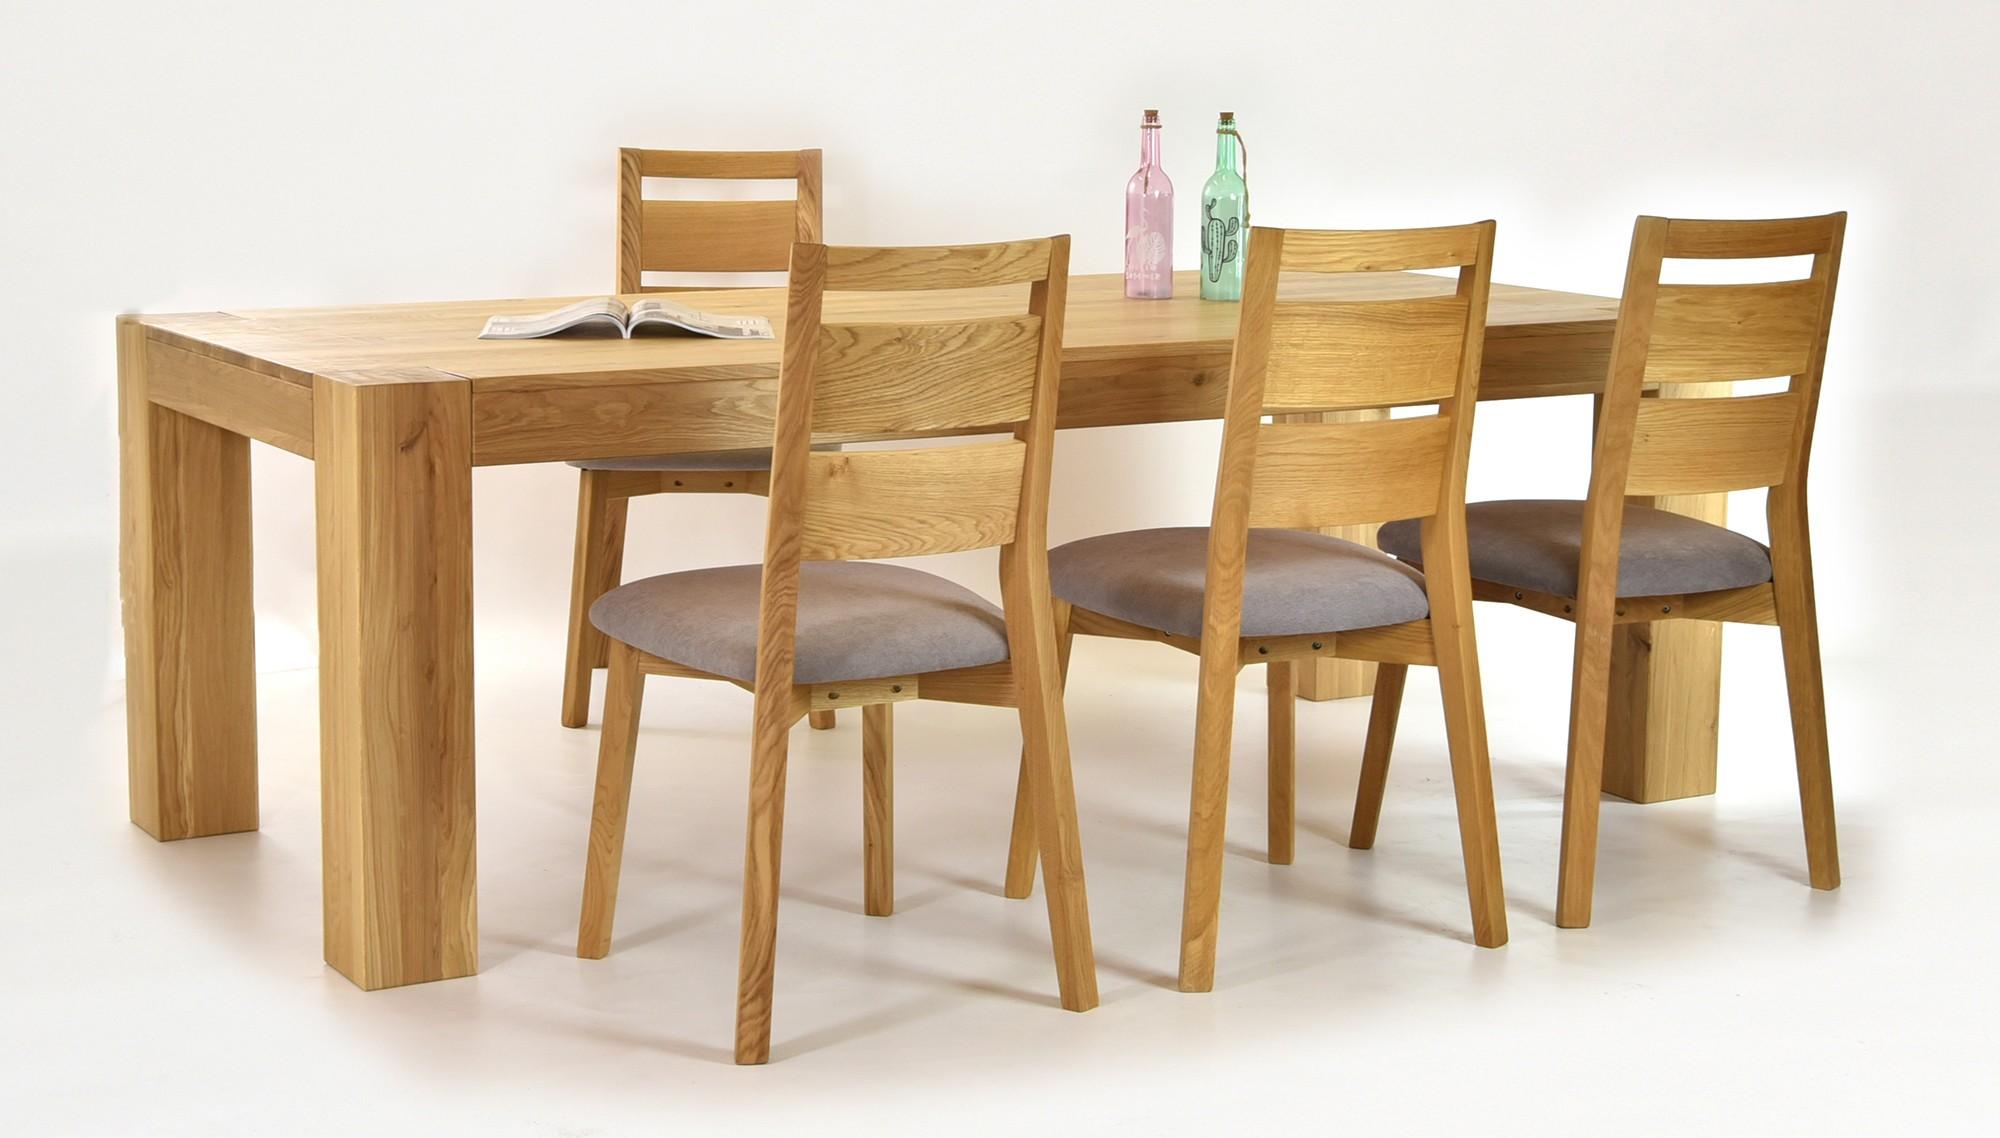 26eb22964d3a Dubový stôl do jedálne a dubové stoličky